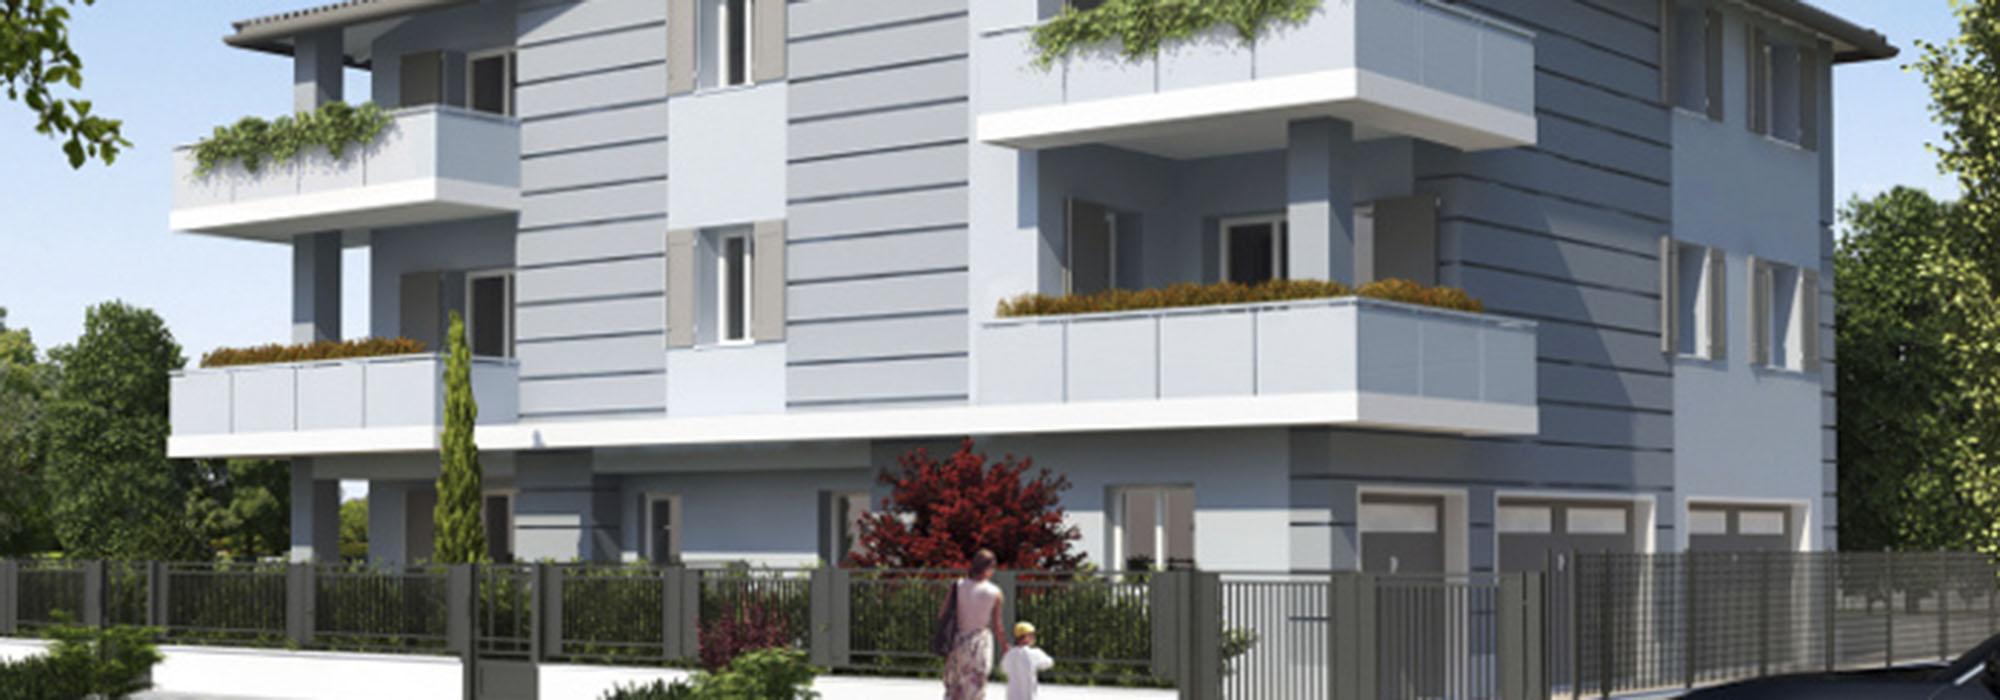 Cantiere Appartamenti Casinalbo – Rif 598